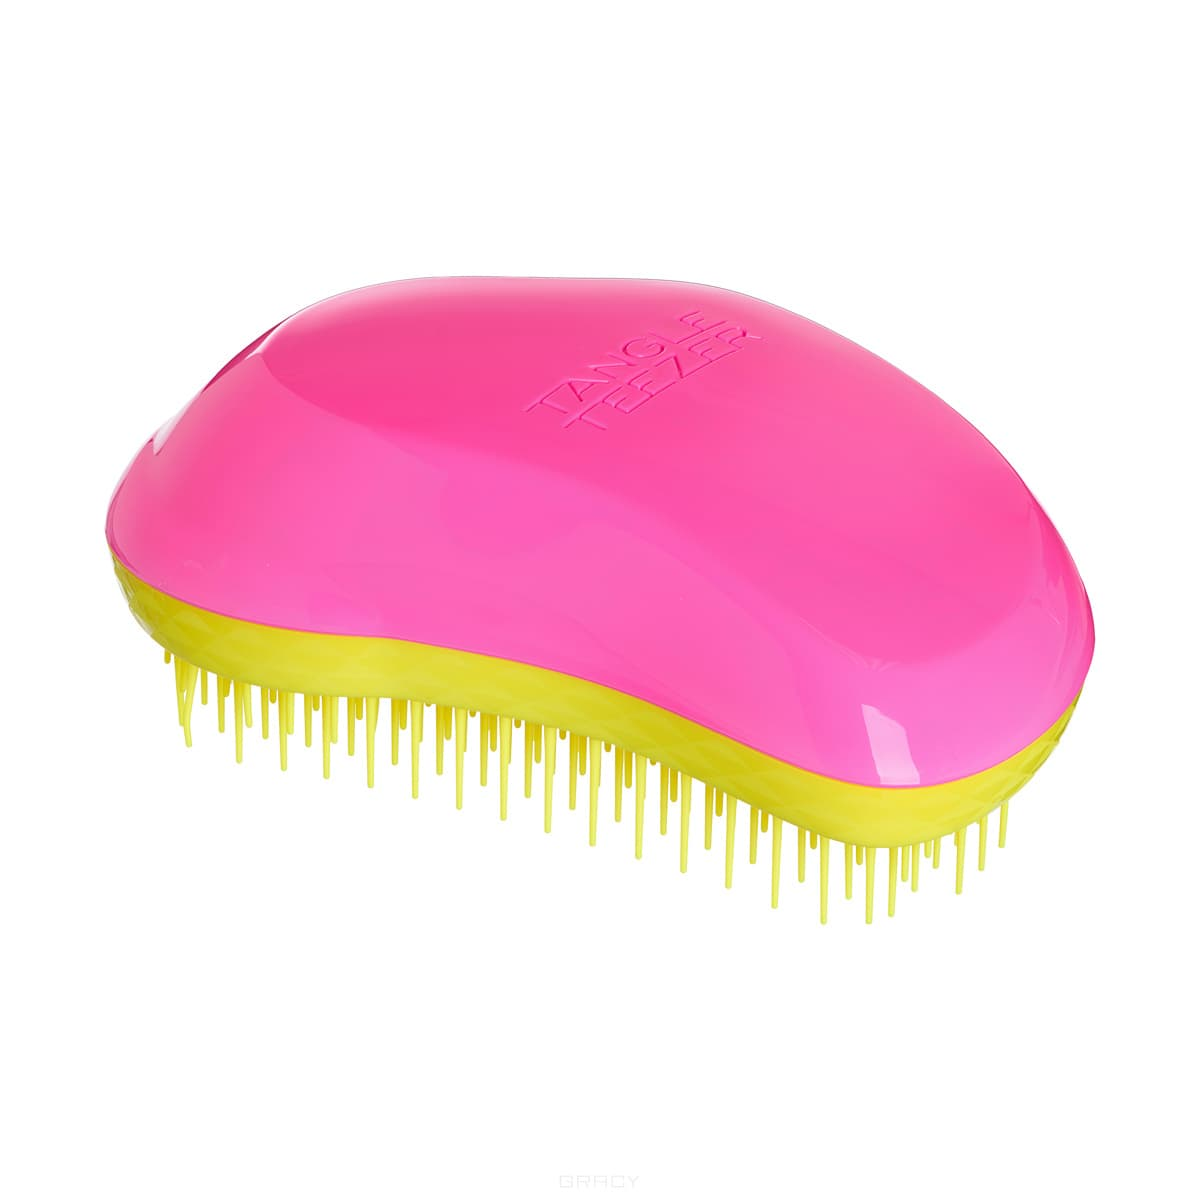 Tangle Teezer Расческа для волос The Original Pink Rebel, Расческа для волос The Original Pink Rebel, 1 шт